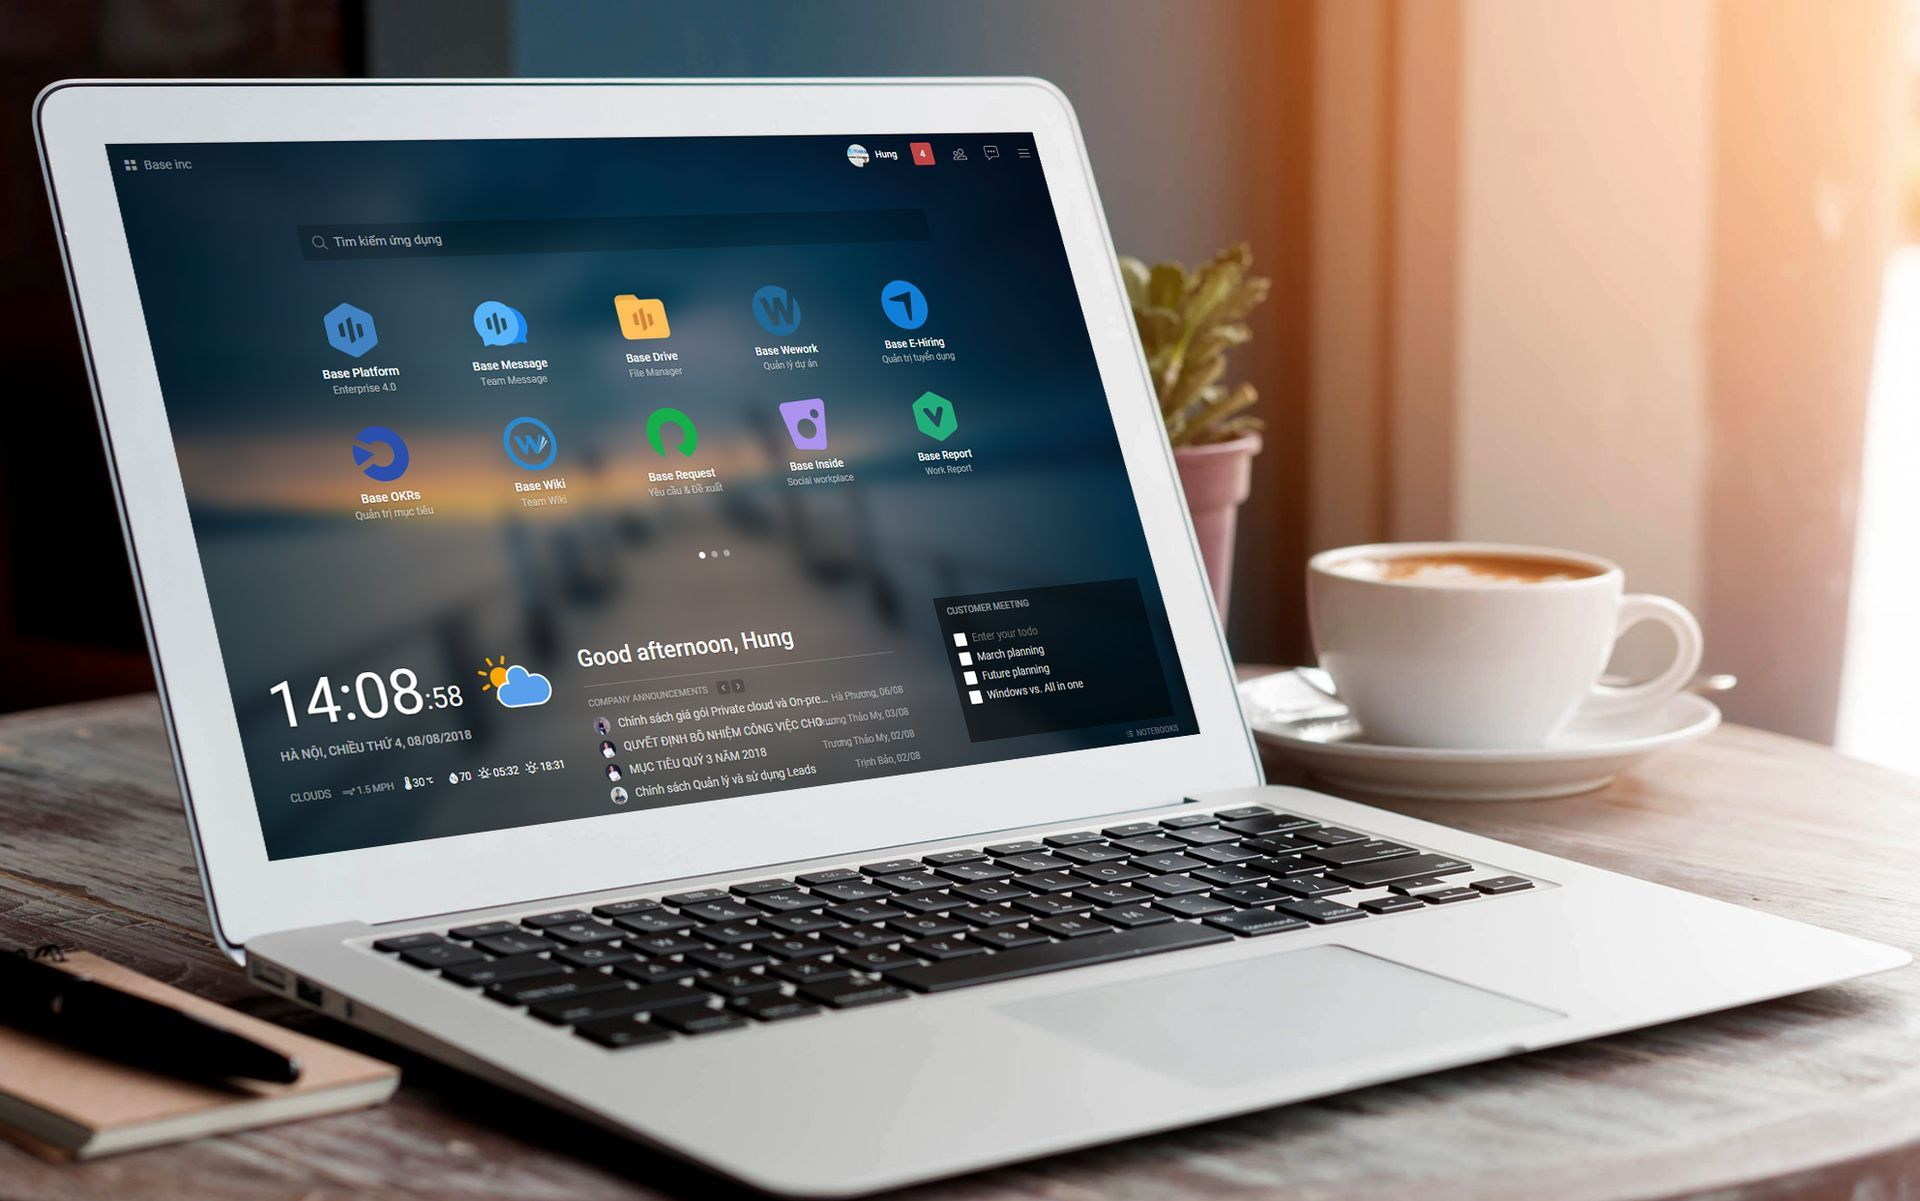 Startup Việt cung cấp dịch vụ phần mềm doanh nghiệp nhận 1,3 triệu USD đầu tư từ quỹ nước ngoài